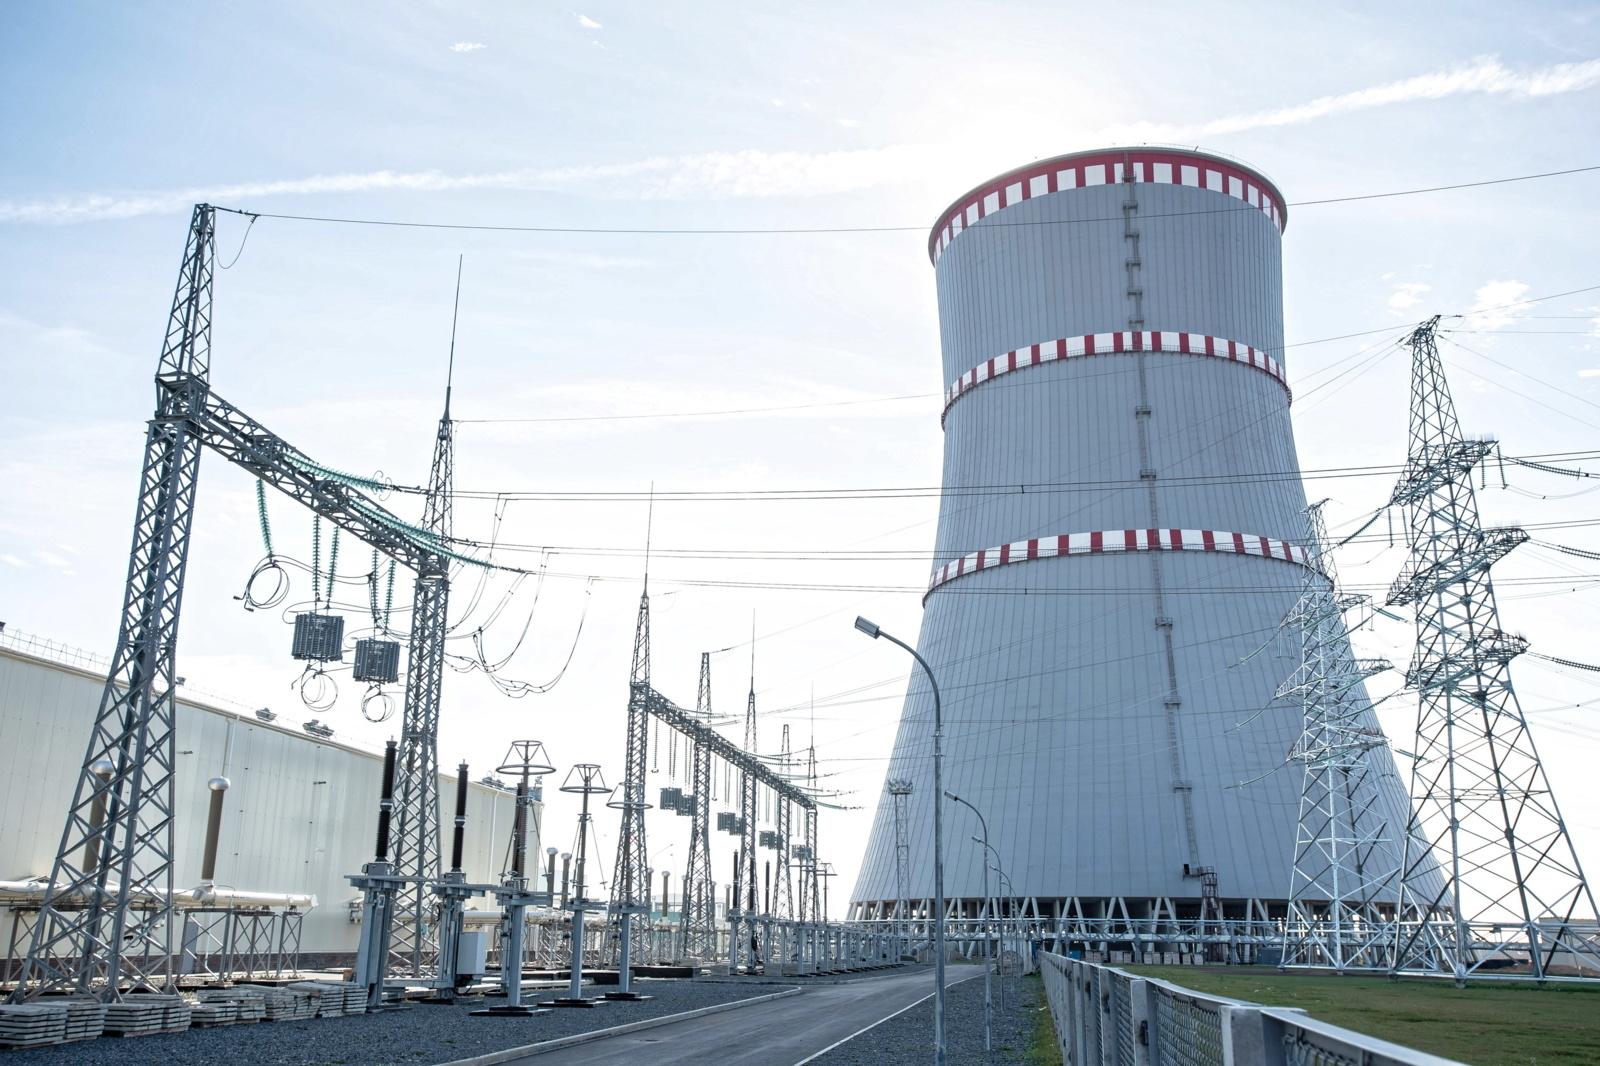 Latvijos vyriausybė atidėjo sprendimą dėl Astravo atominės elektrinės